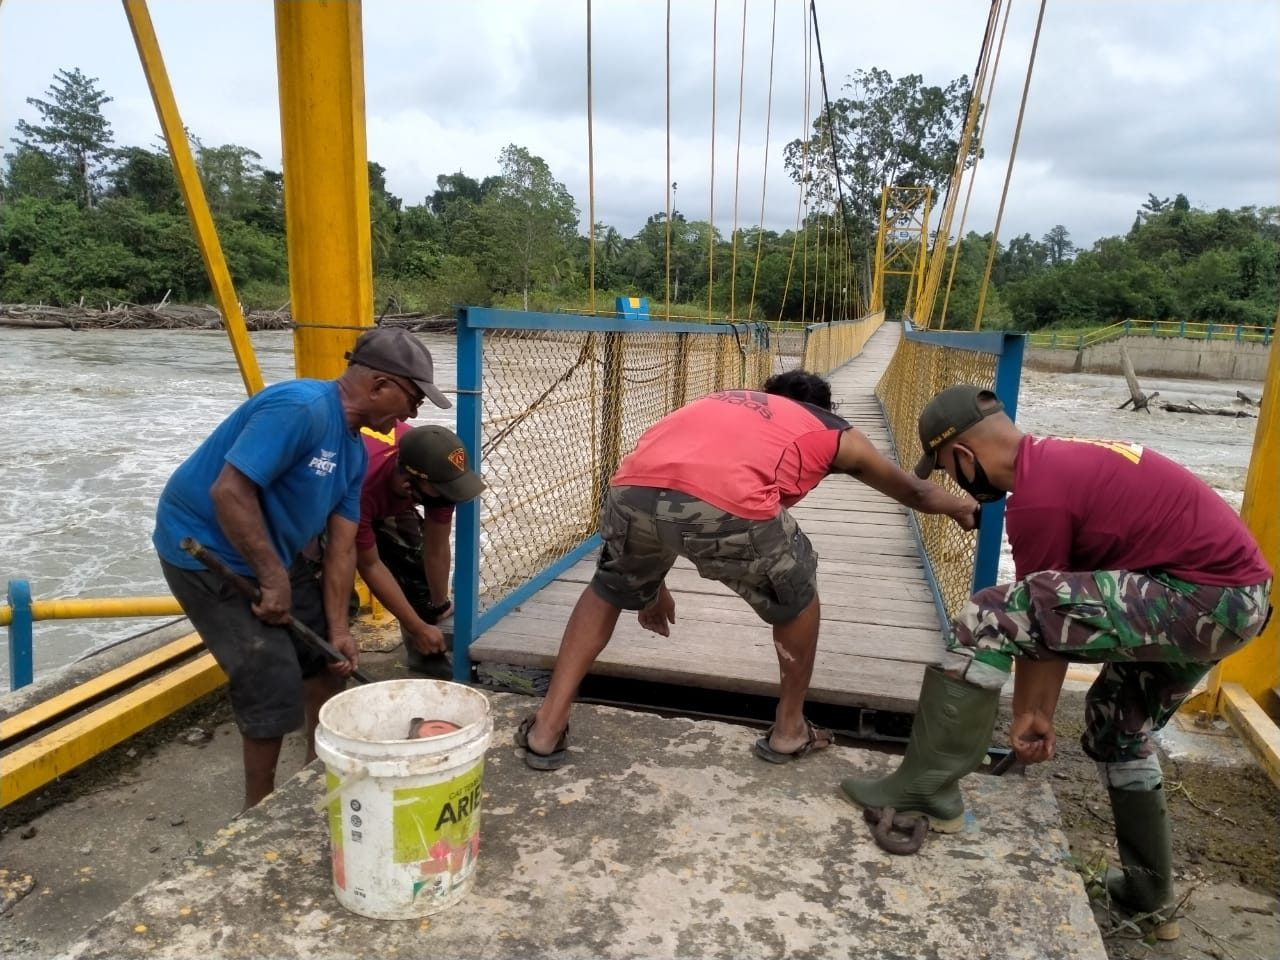 *Satgas Yonif 131 Bersama Warga Perbaiki Jembatan Gantung di Papua*